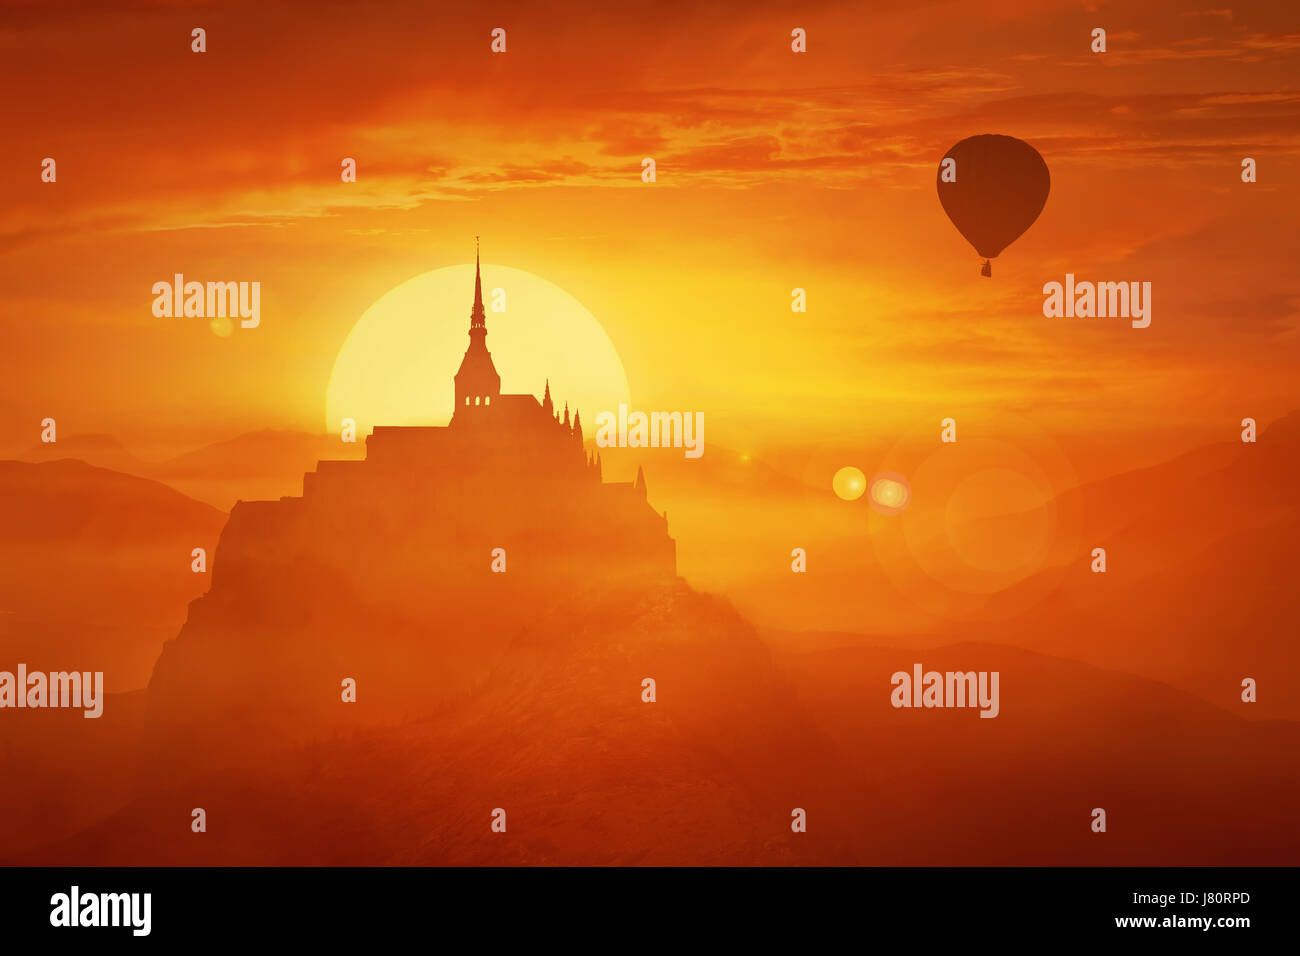 Hermoso atardecer paisaje sobre el brumoso reino entre las colinas de color naranja en el centro de la naturaleza Foto de stock